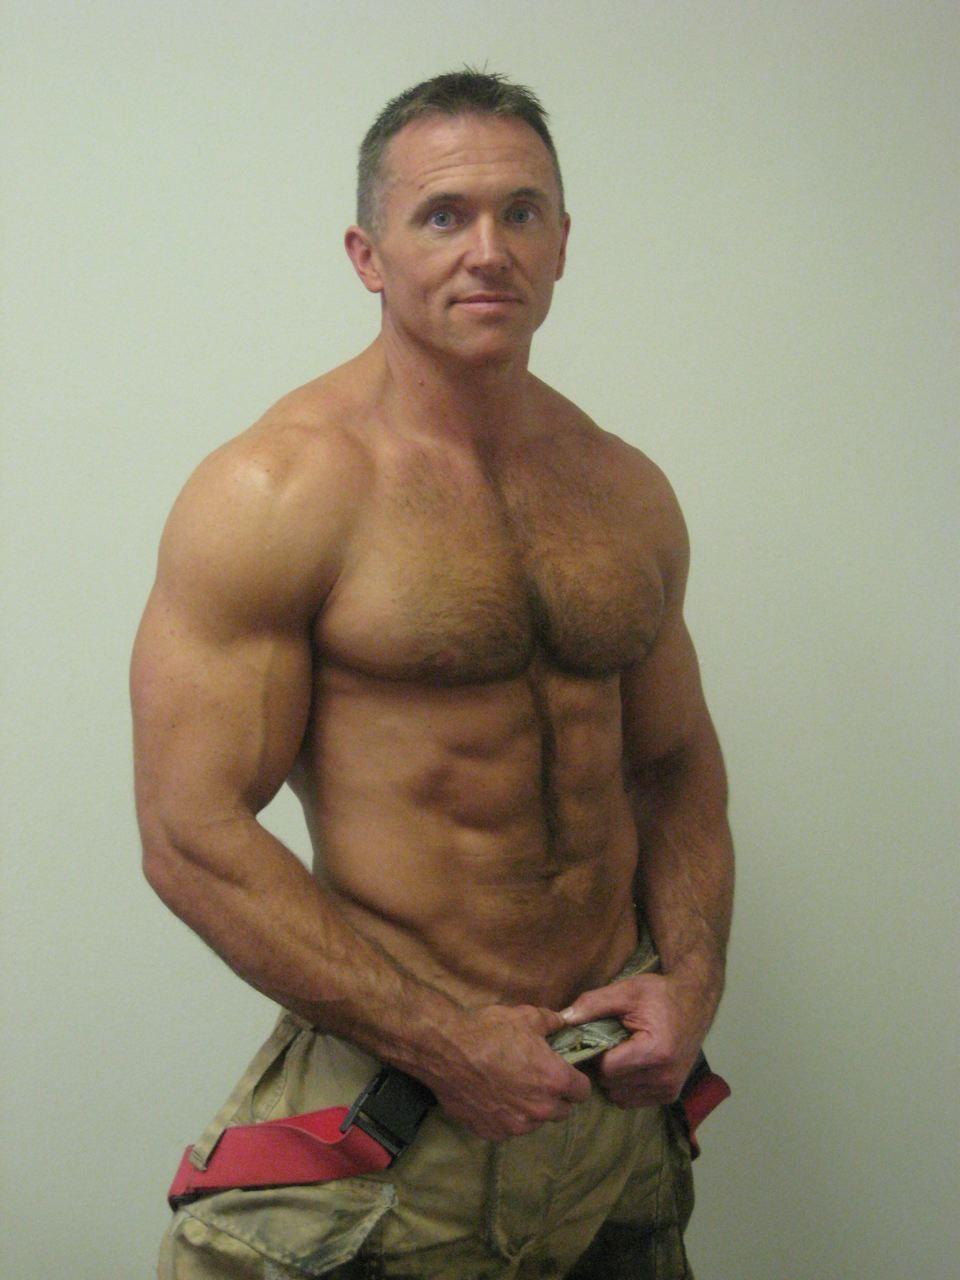 Pin On Hot Older Men Daddies